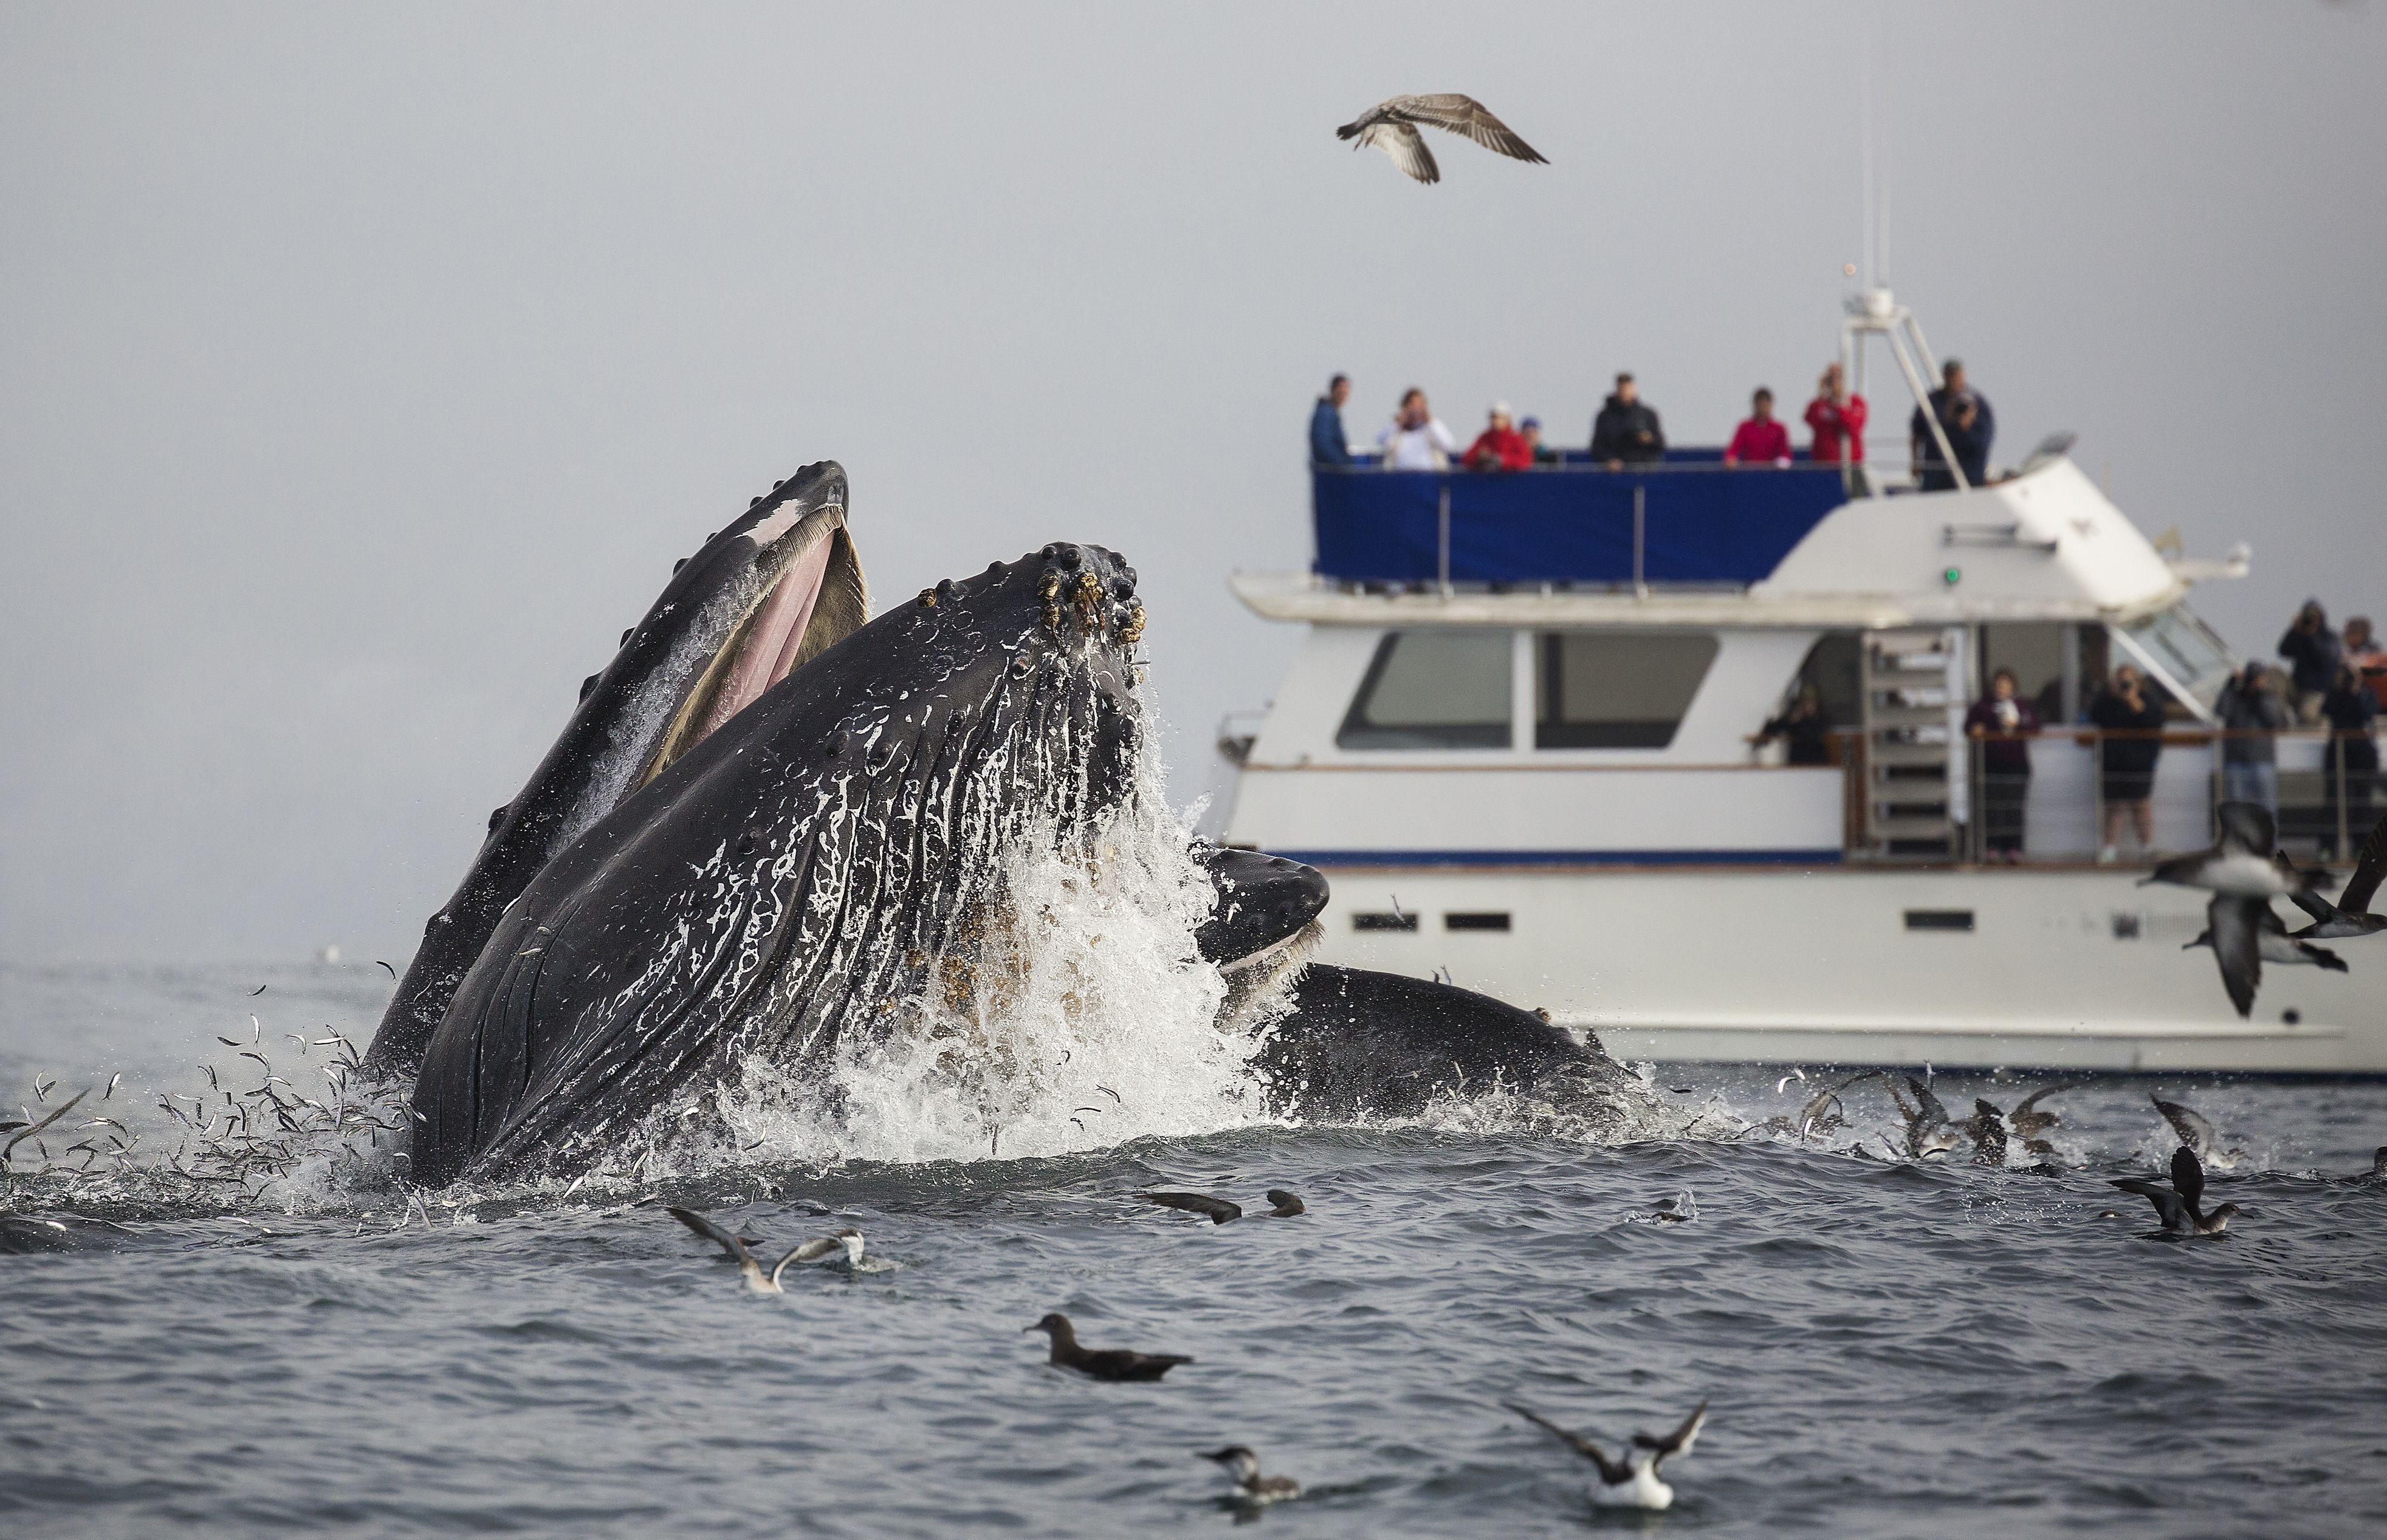 Santa Monica Beach Whale Watching Tours